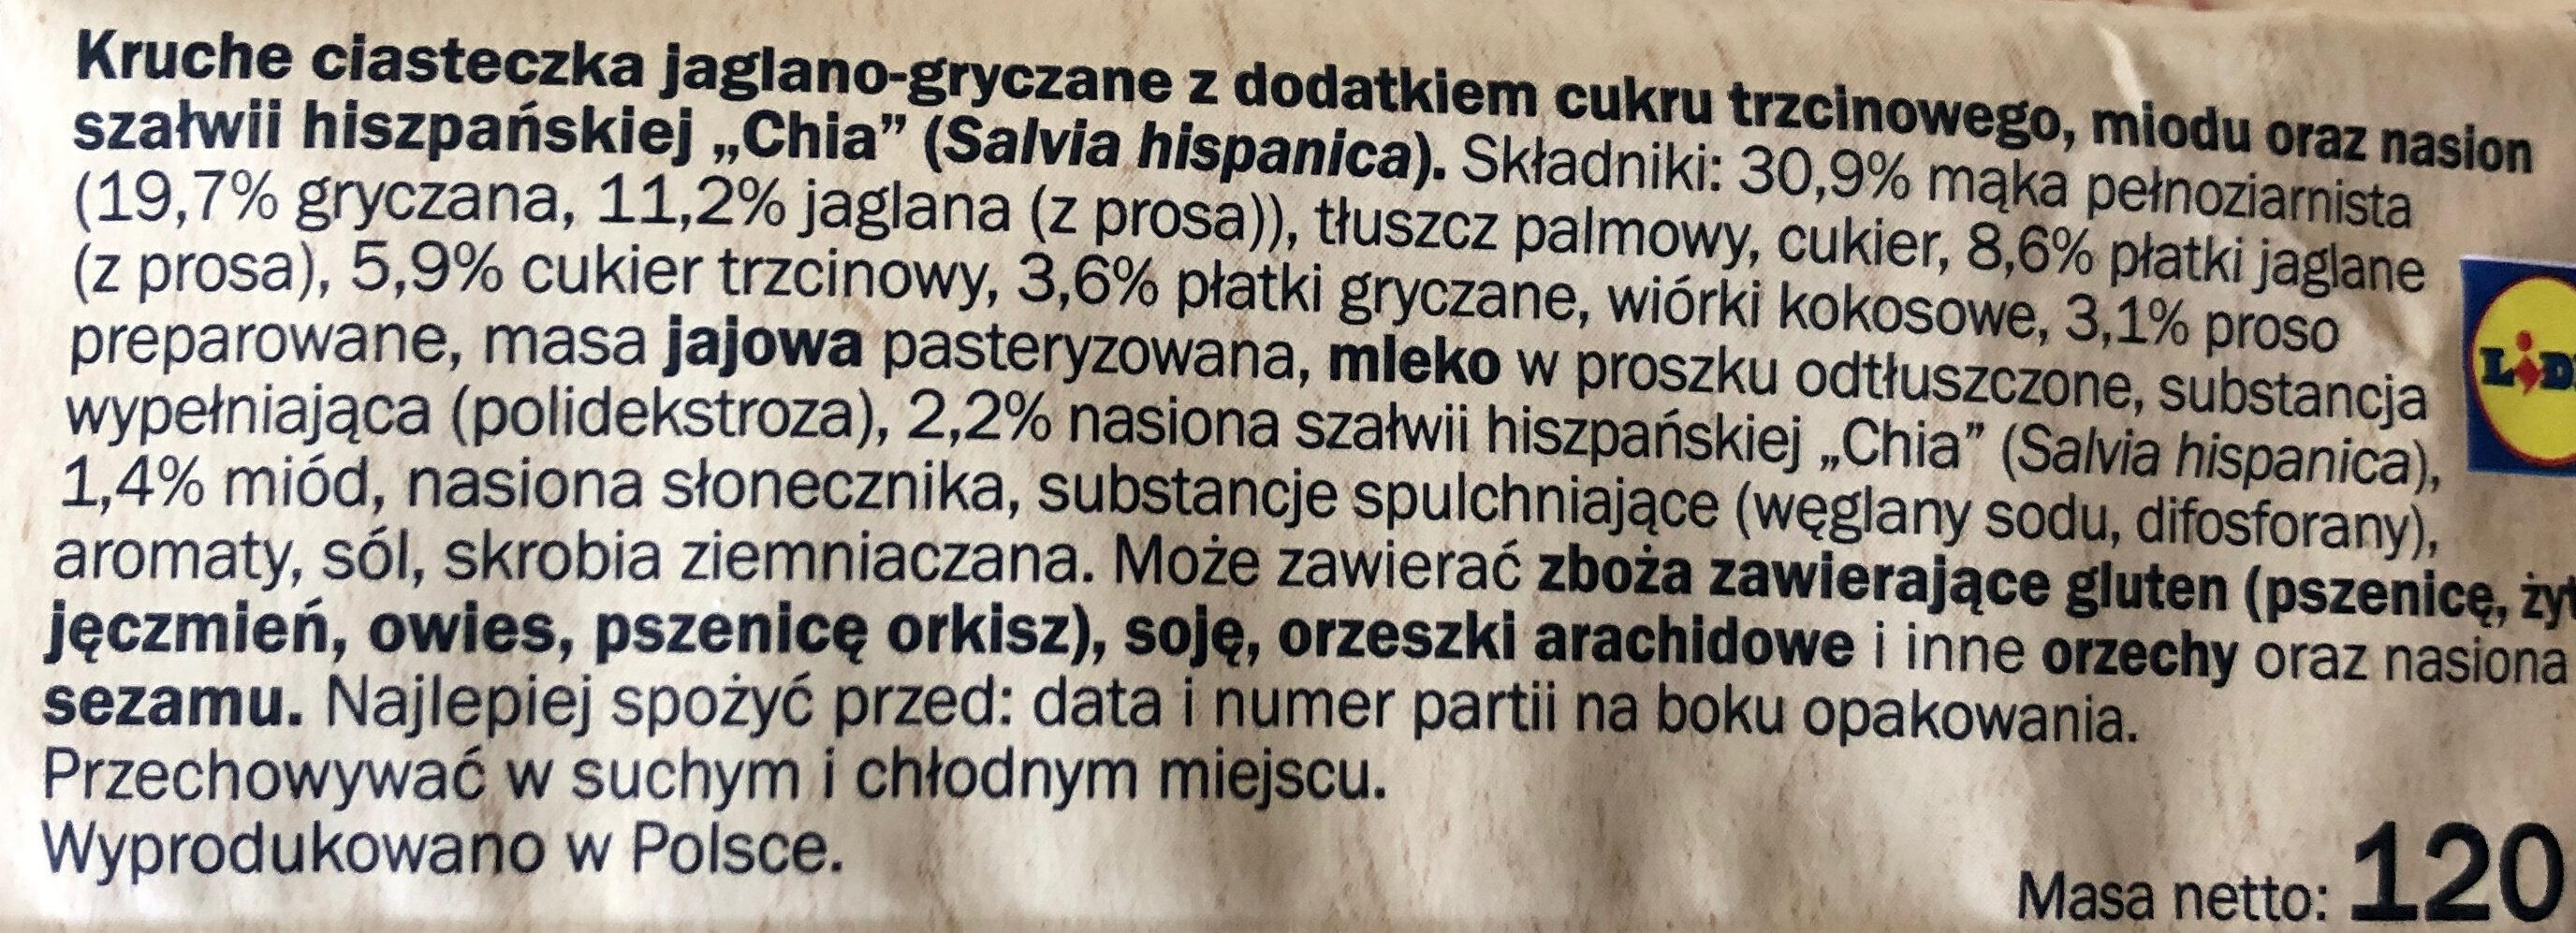 Ciasteczka jaglano-gryczane - Składniki - pl